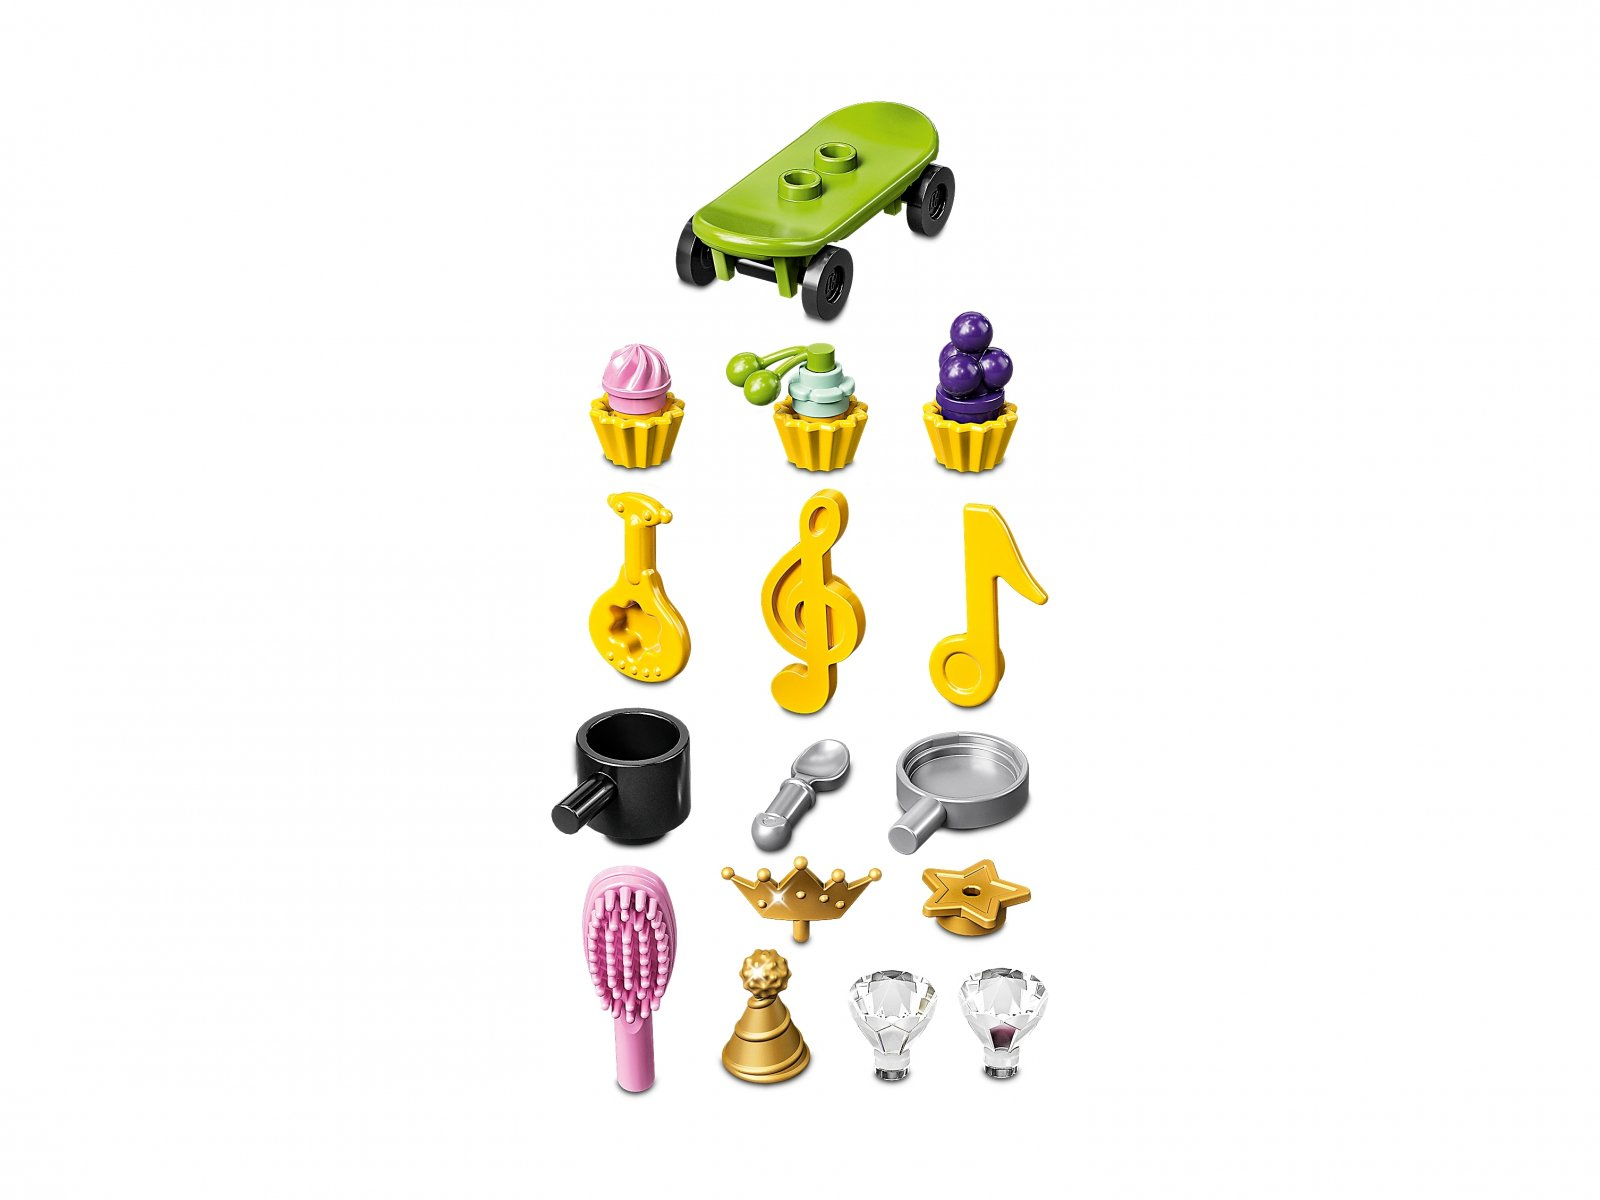 LEGO 41255 Trolls World Tour Przyjęcie w popowej wiosce